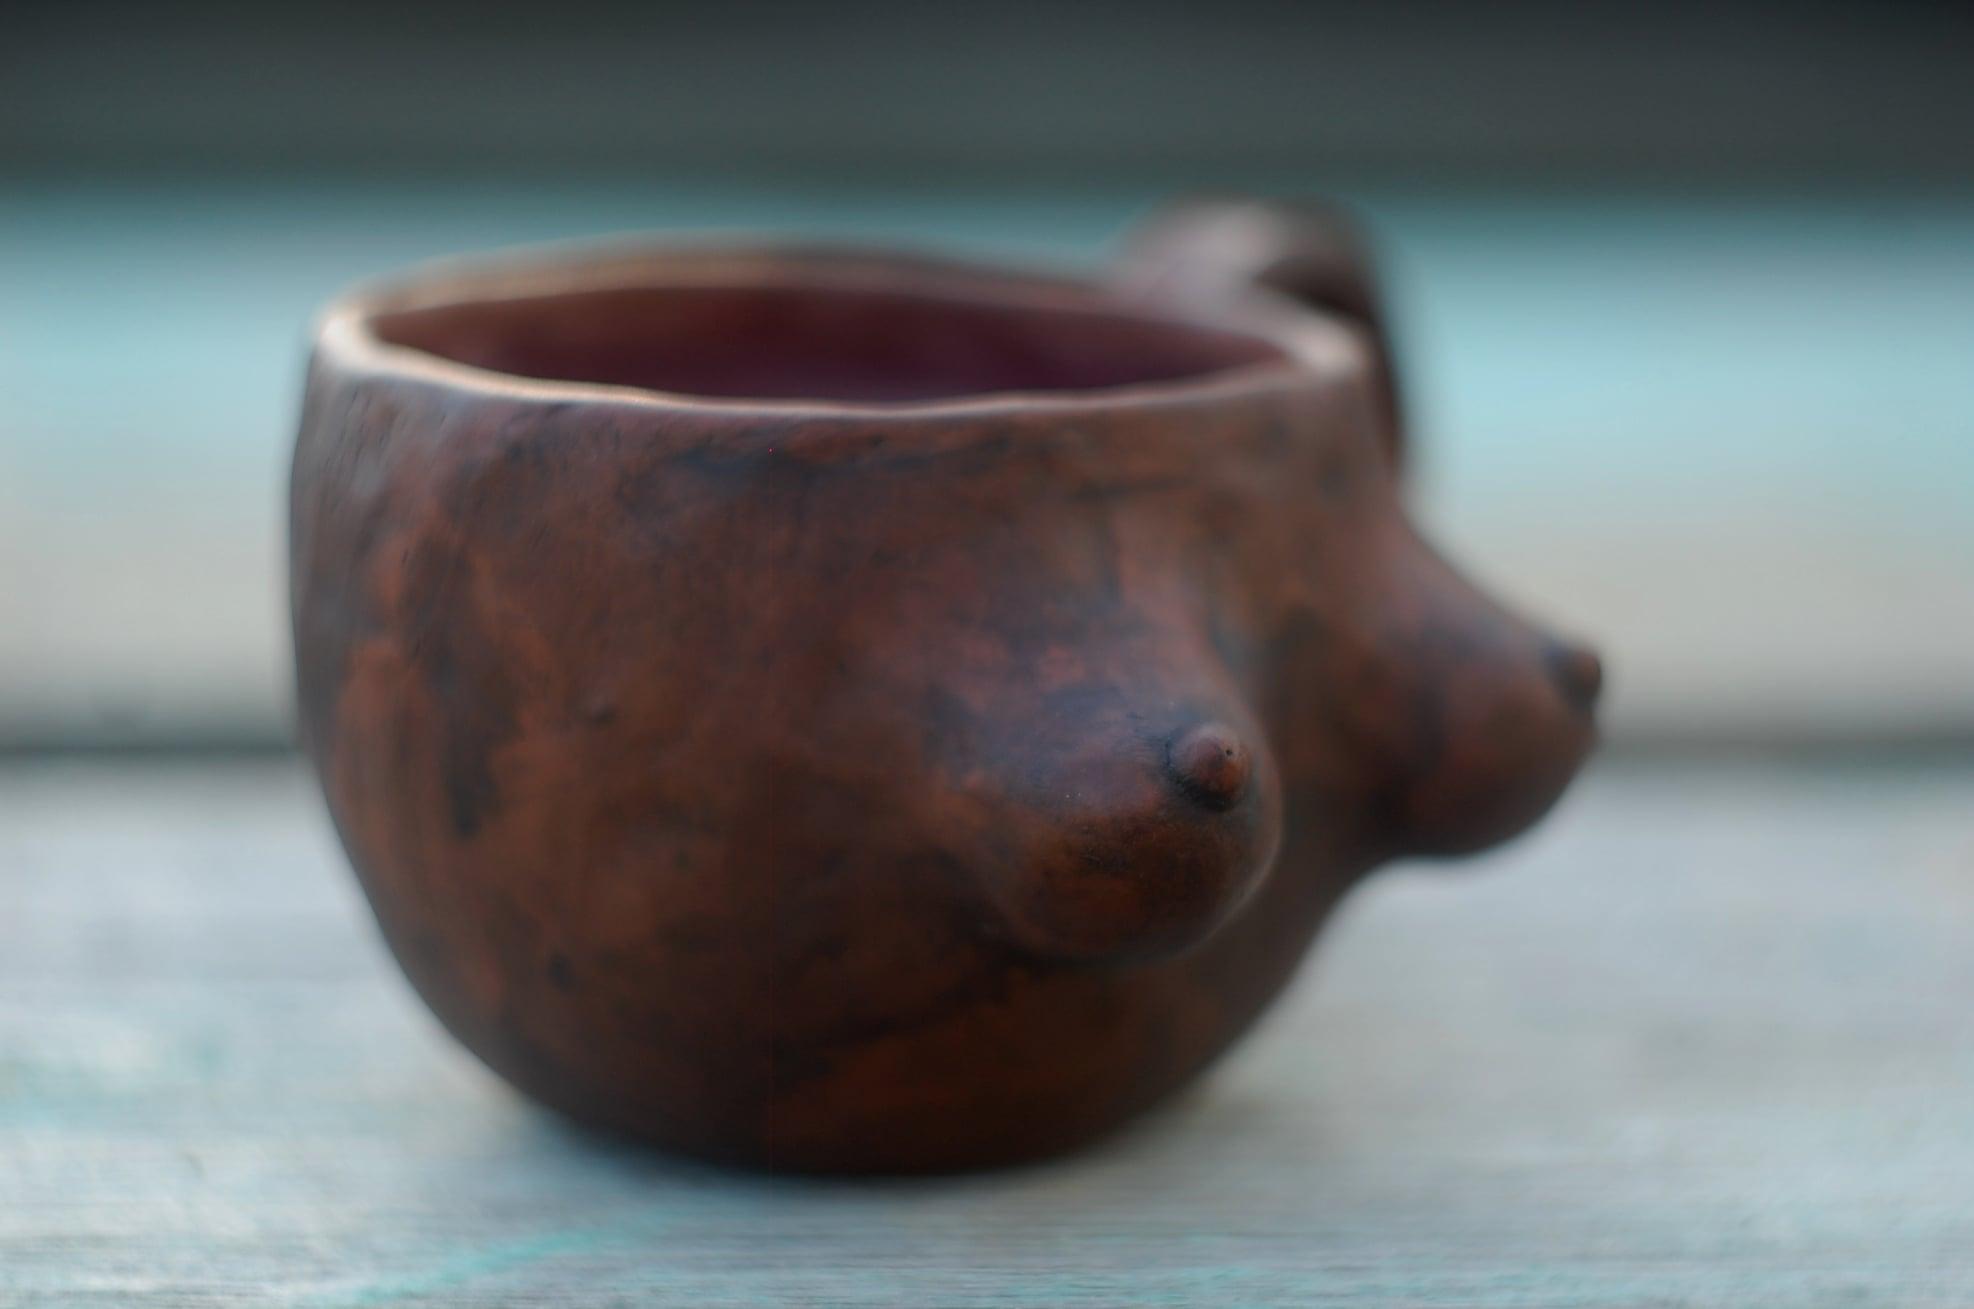 Handmade breast mug gift boobs mug for coffee and tea ~11oz